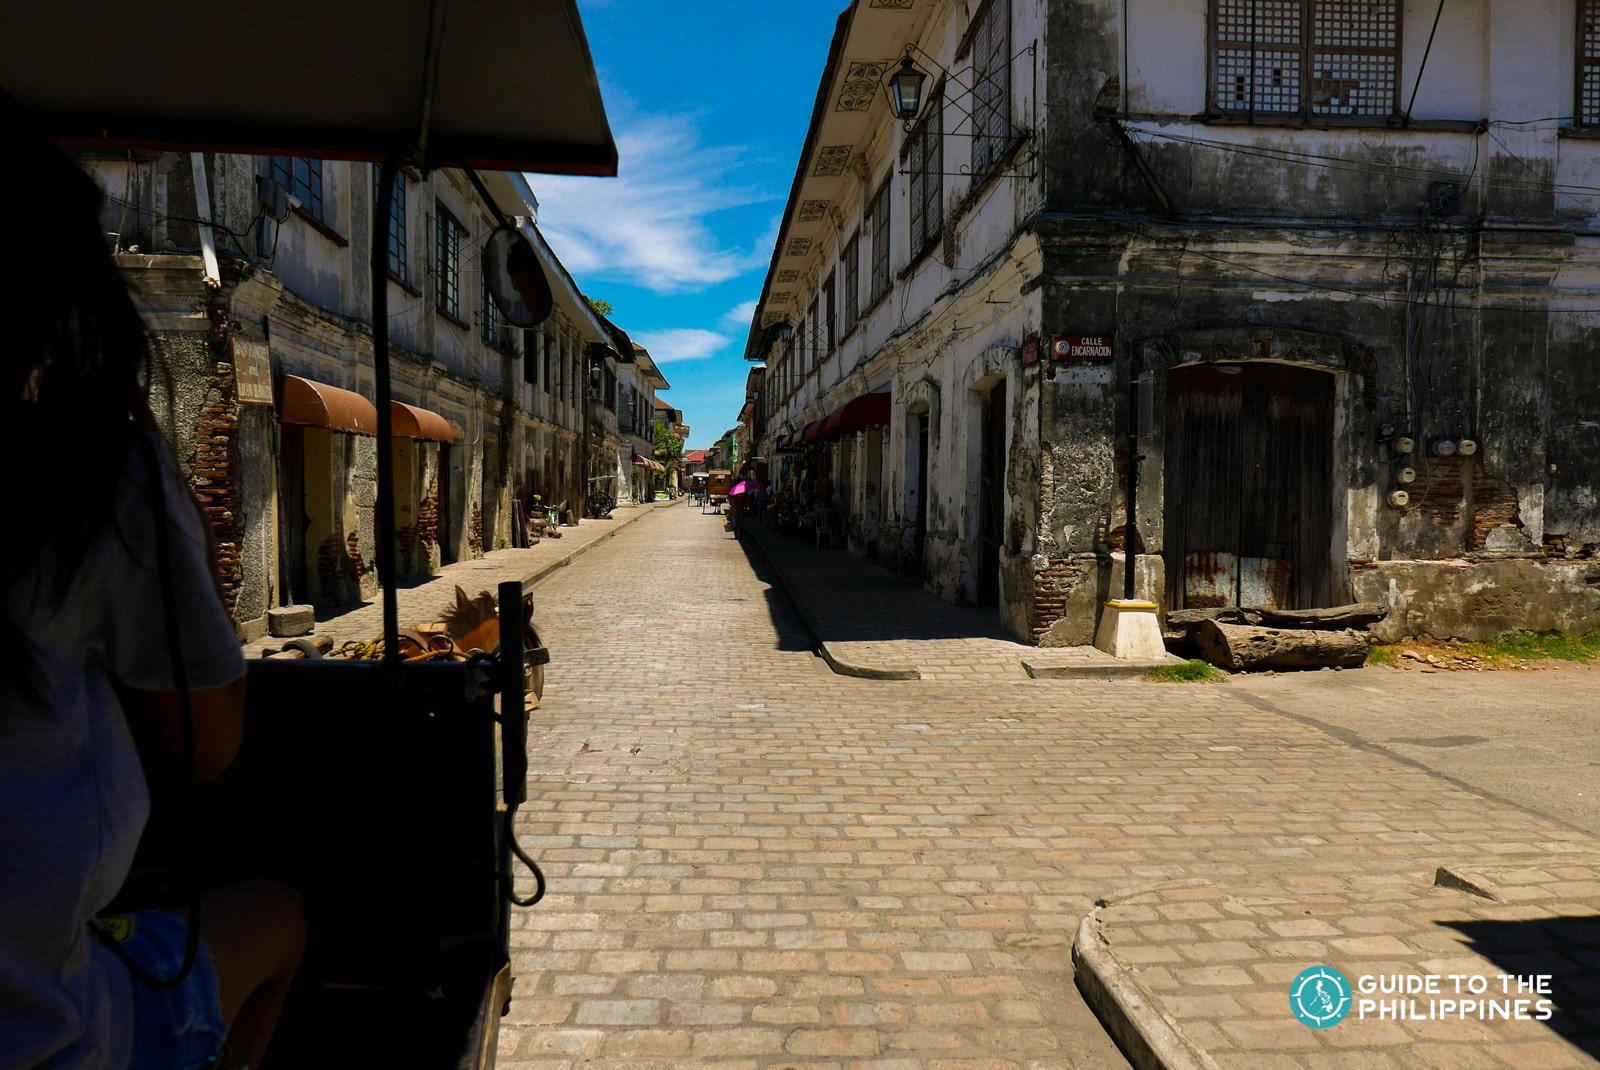 Riding a calesa while exploring Calle Crisologo in Vigan